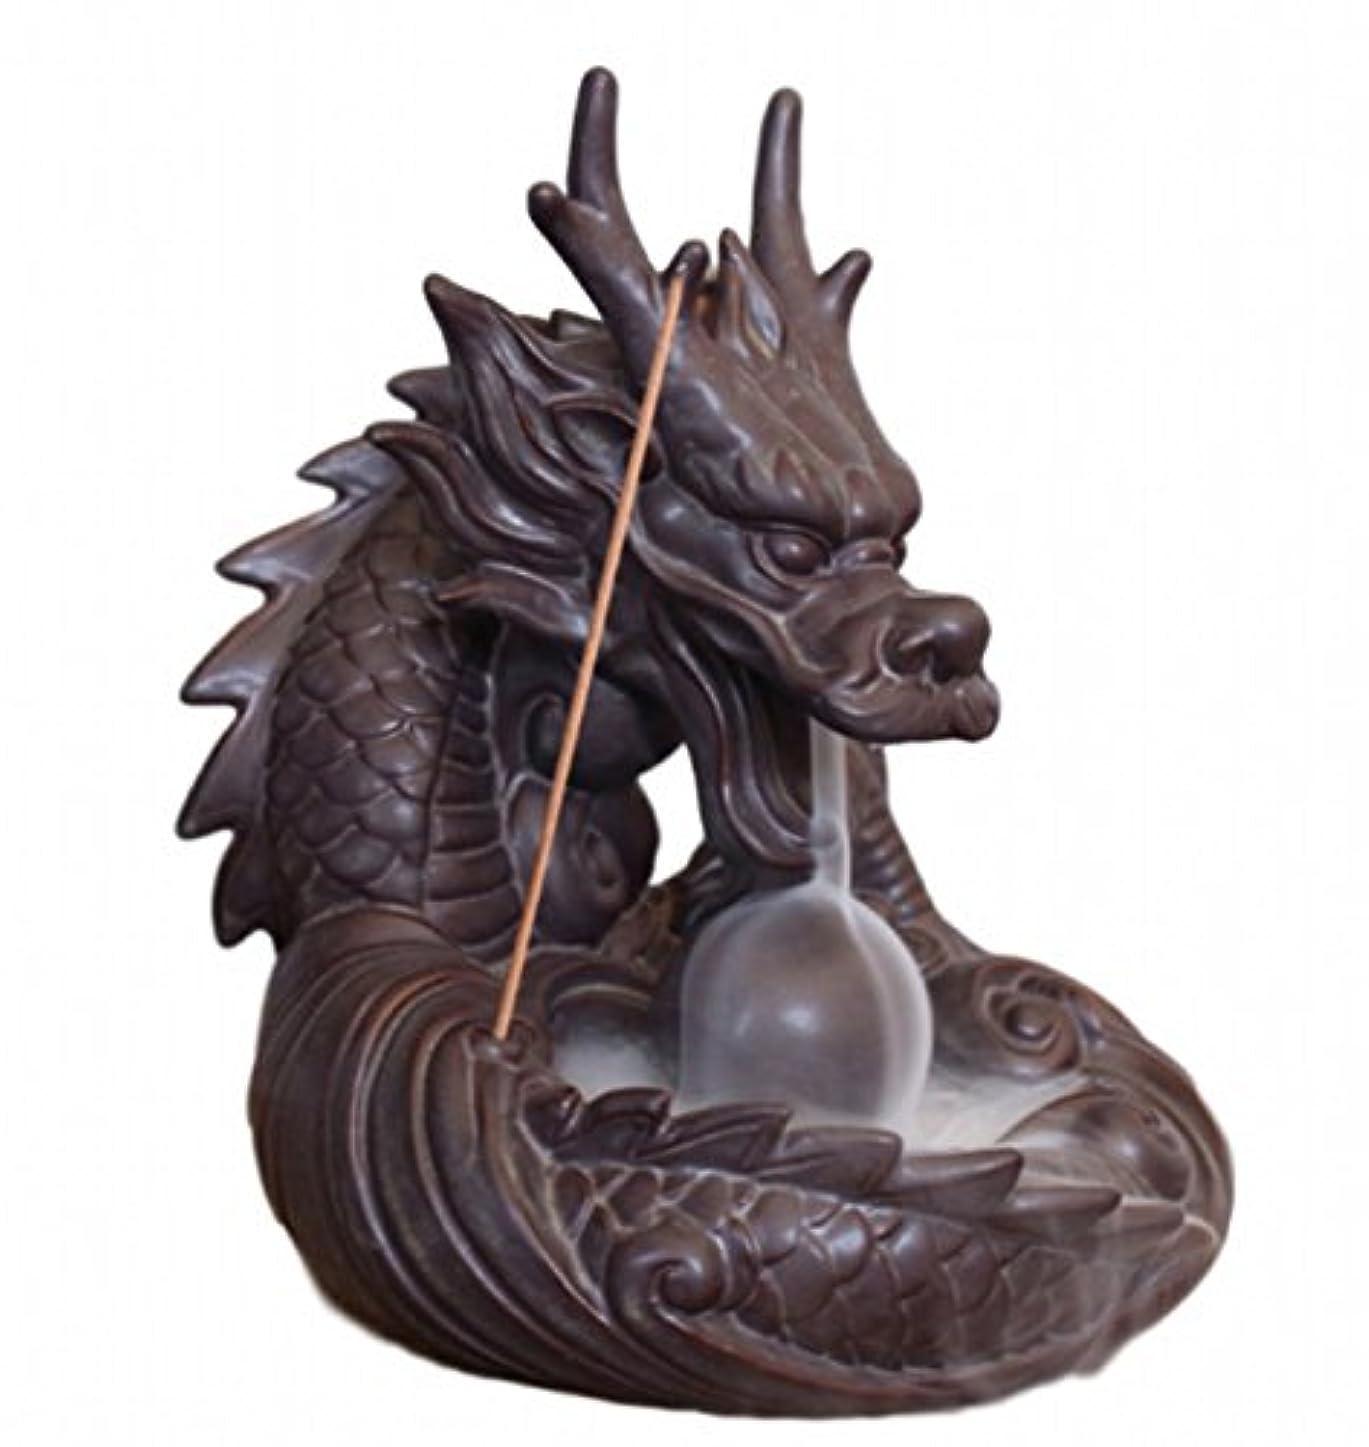 フィット虐殺毛布【Rurumiマーケット】不思議なお香 倒流香 用 香炉 ドラゴン お試しお香付き 流川香 陶器製 (ドラゴンB)